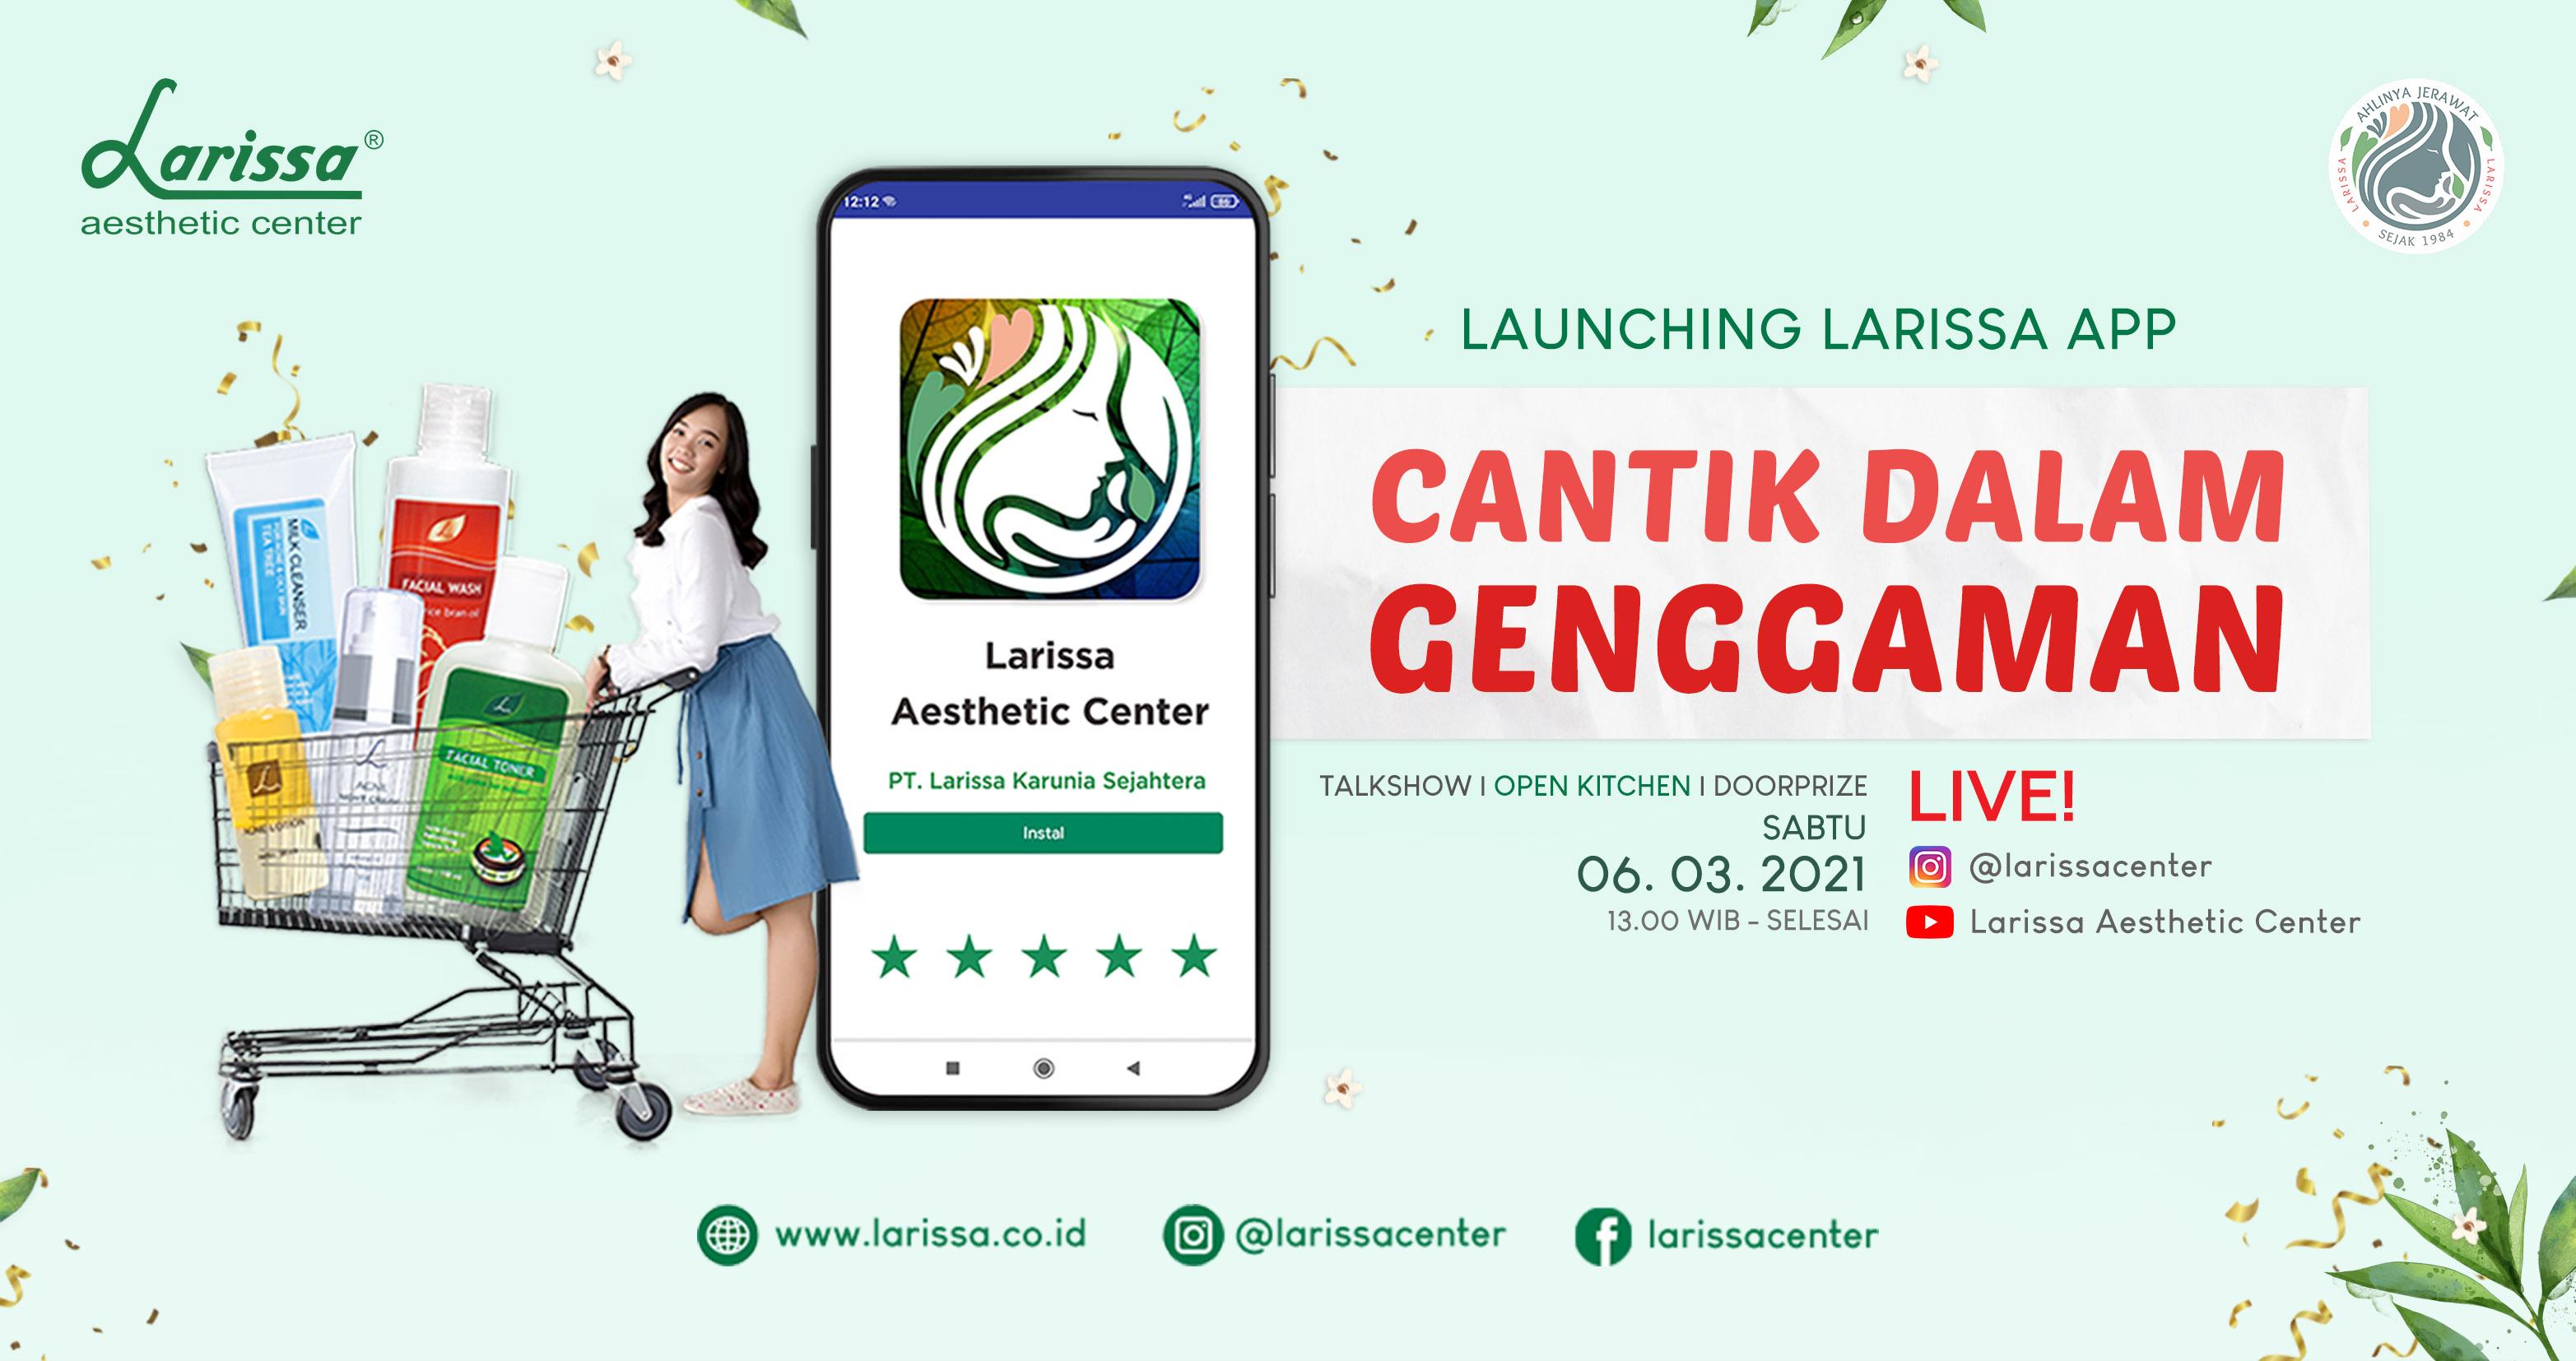 Launching Larissa App, Belanja Produk Dan Reservasi Jadi Lebih Mudah